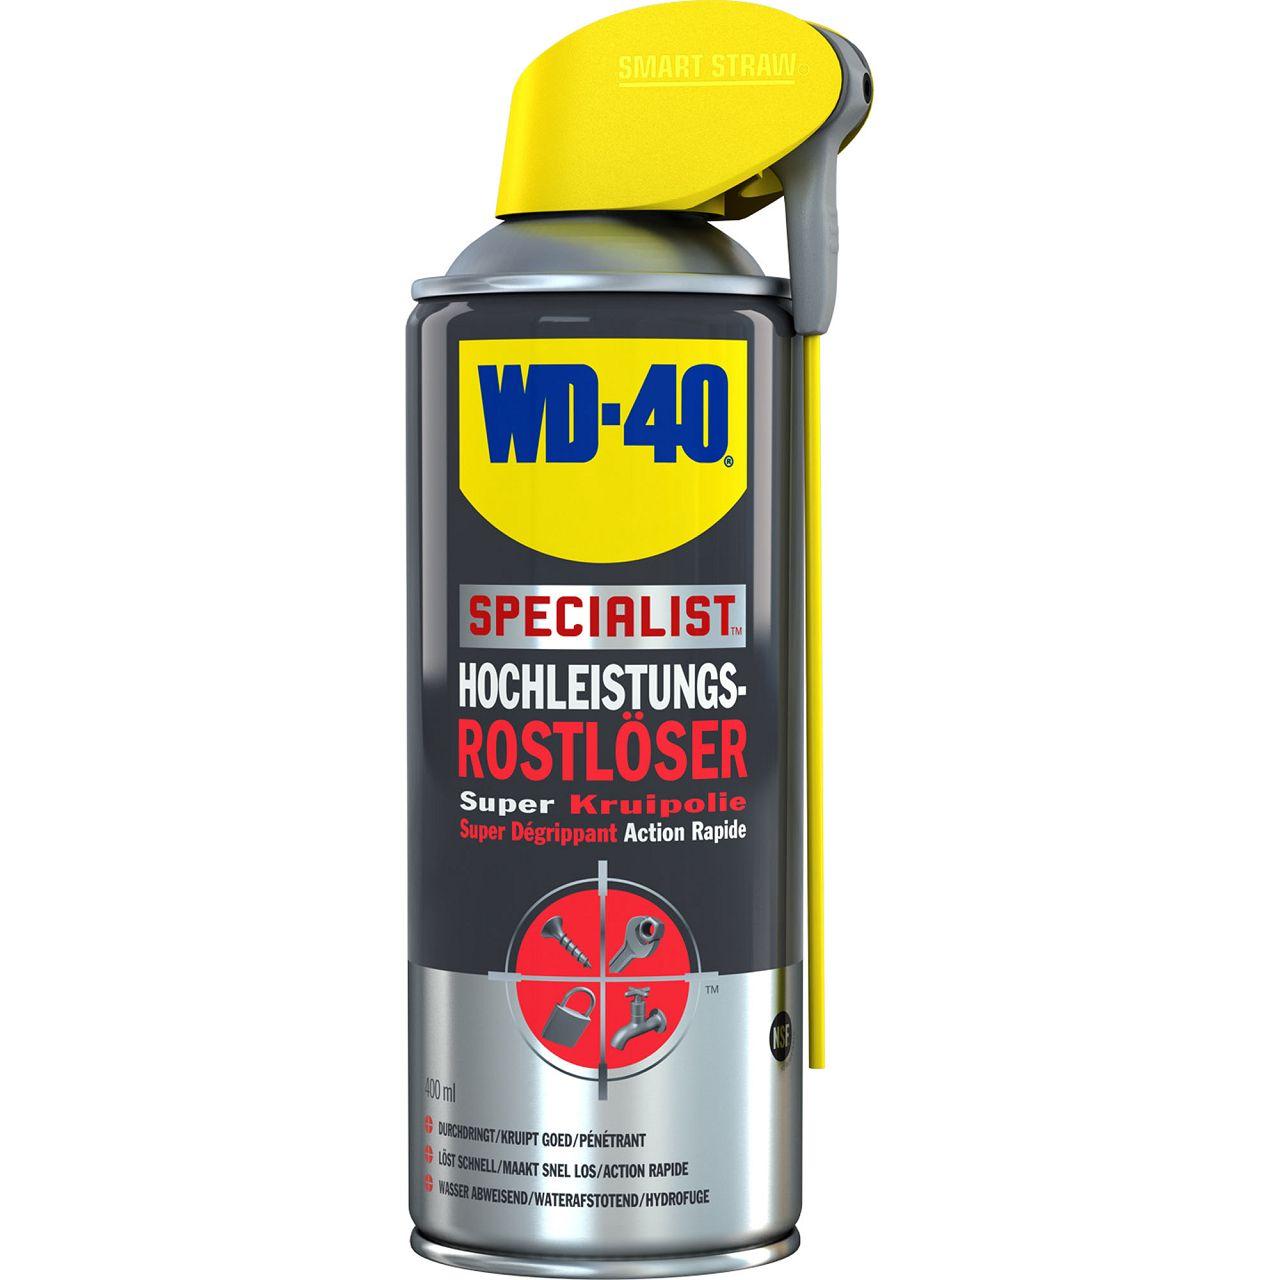 WD-40 SPECIALIST 49348 Rostlöser Hochleistungsrostlöser für SMART STRAW 400ml